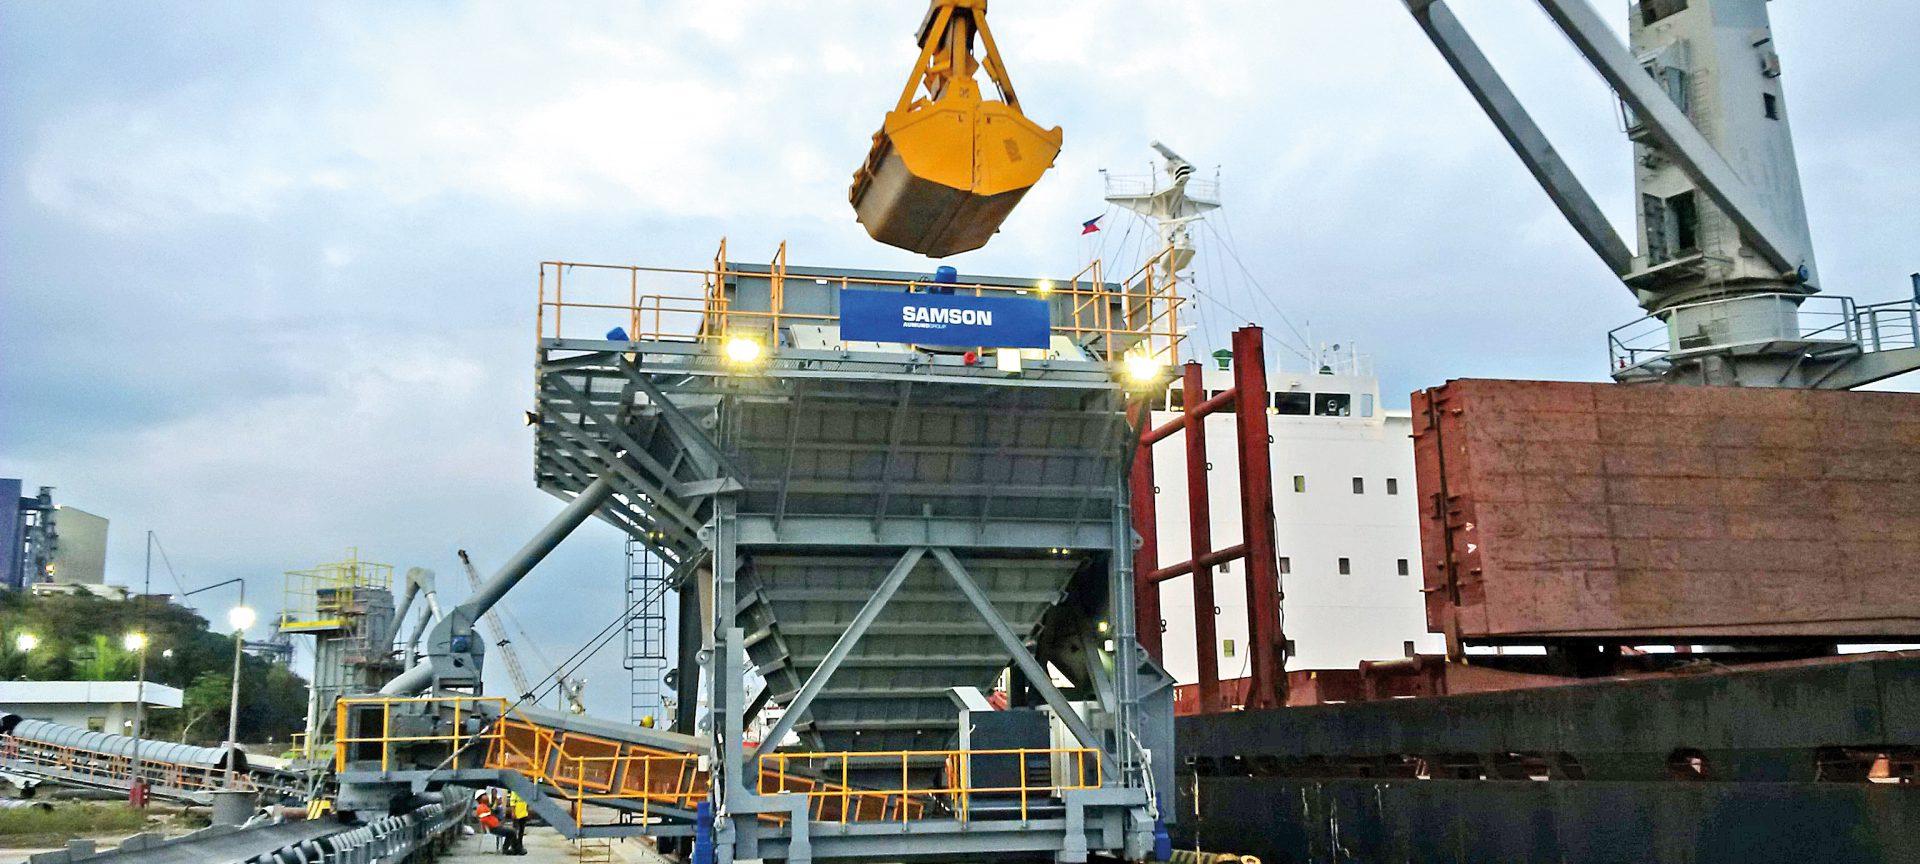 SAMSON Mobiler Eco Hopper im Hafen